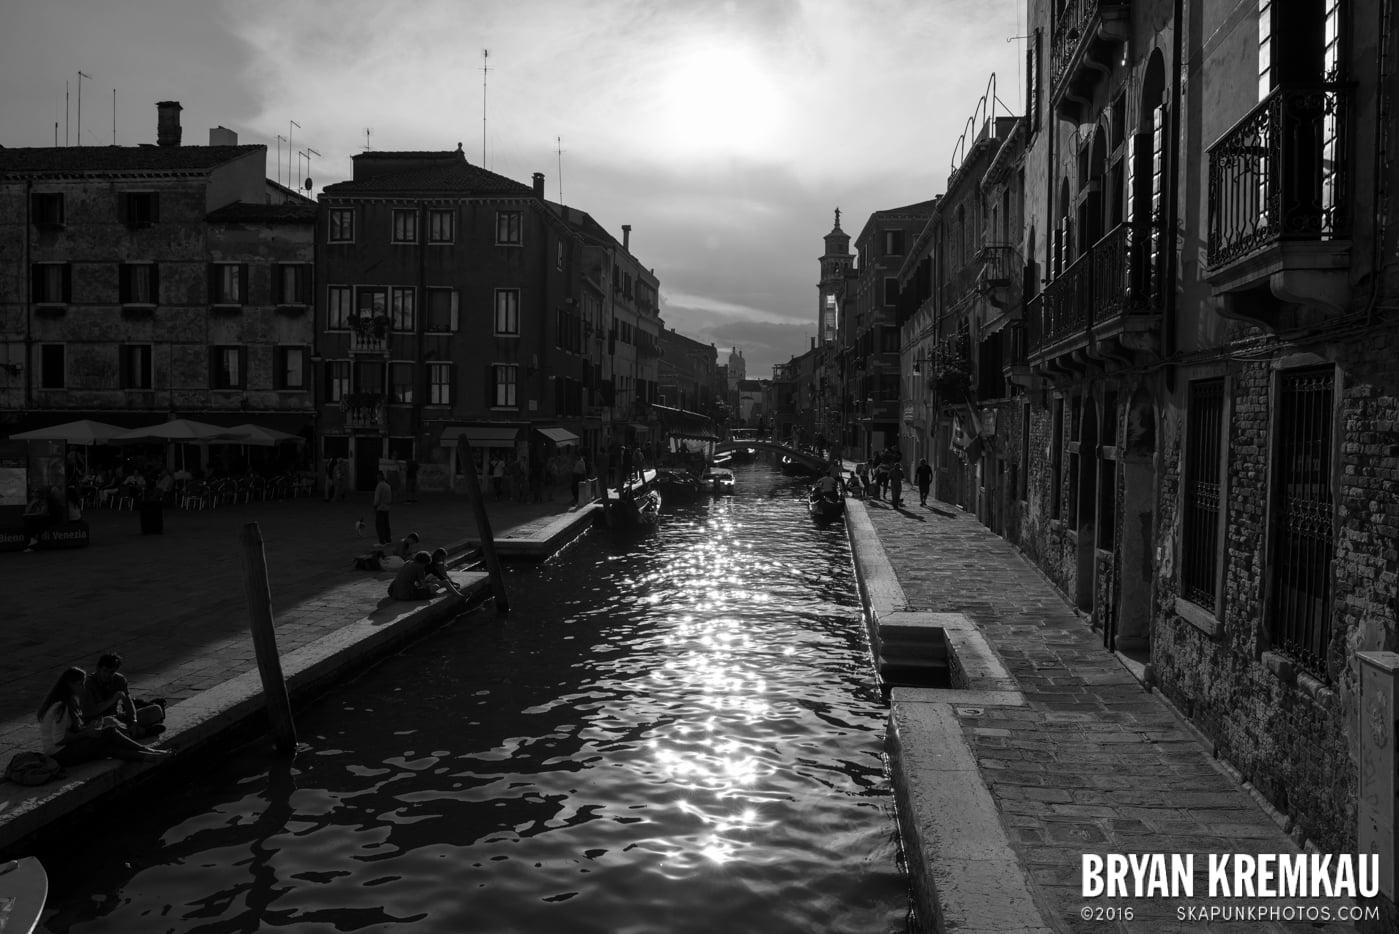 Italy Vacation - Day 4: Venice - 9.12.13 (27)